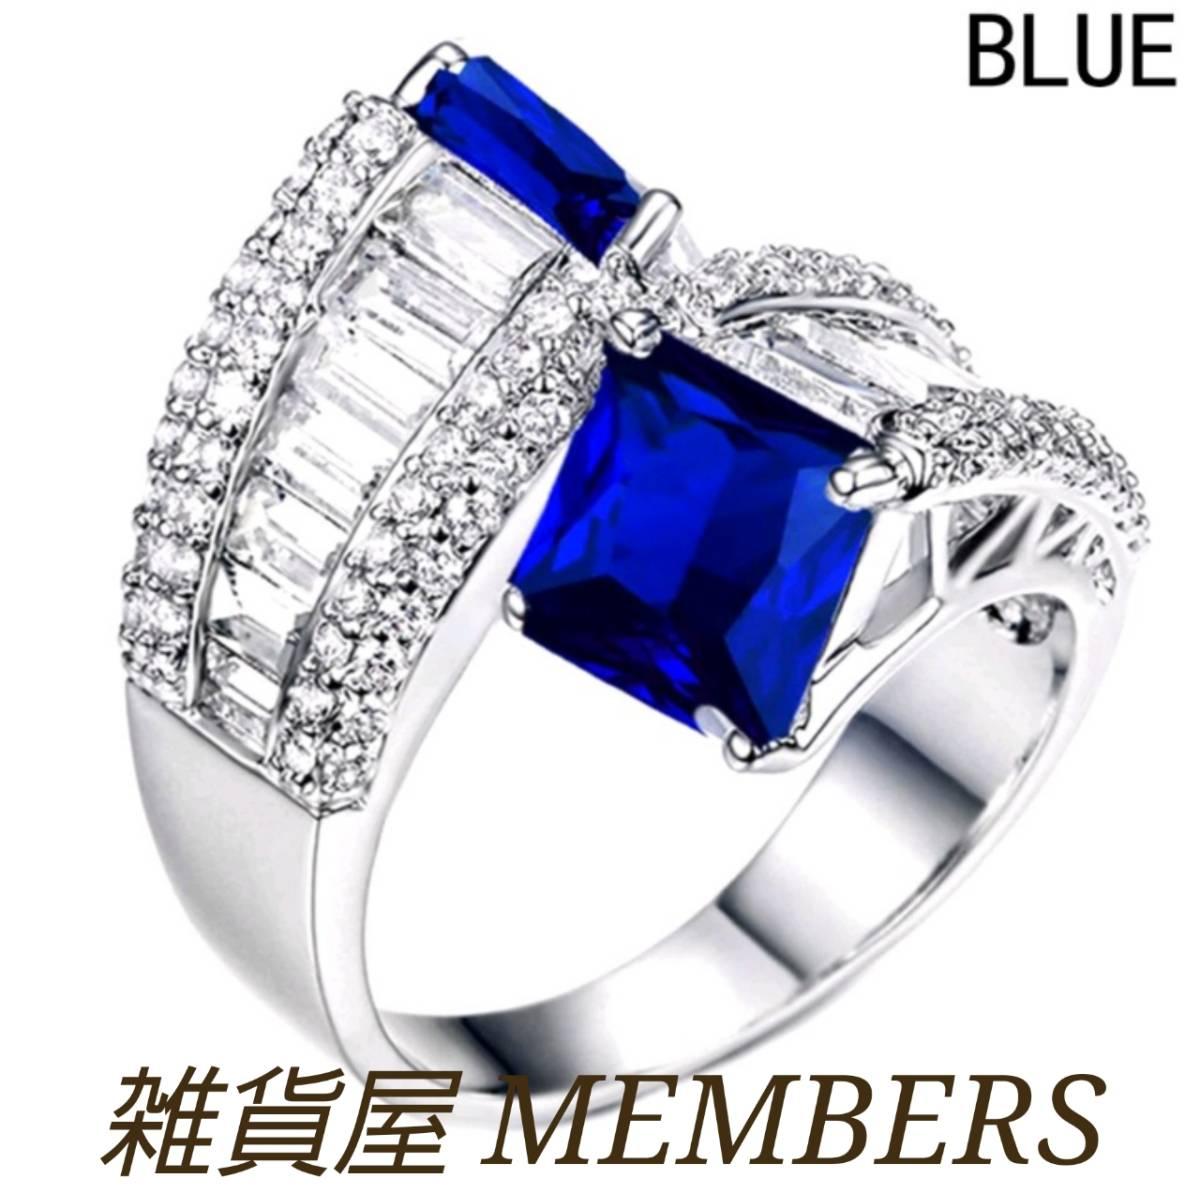 送料無料11号クロムシルバーブルーサファイアクリアスーパーCZダイヤモンドデザイナーズジュエリーインフィニティリング指輪値下残りわずか_画像2